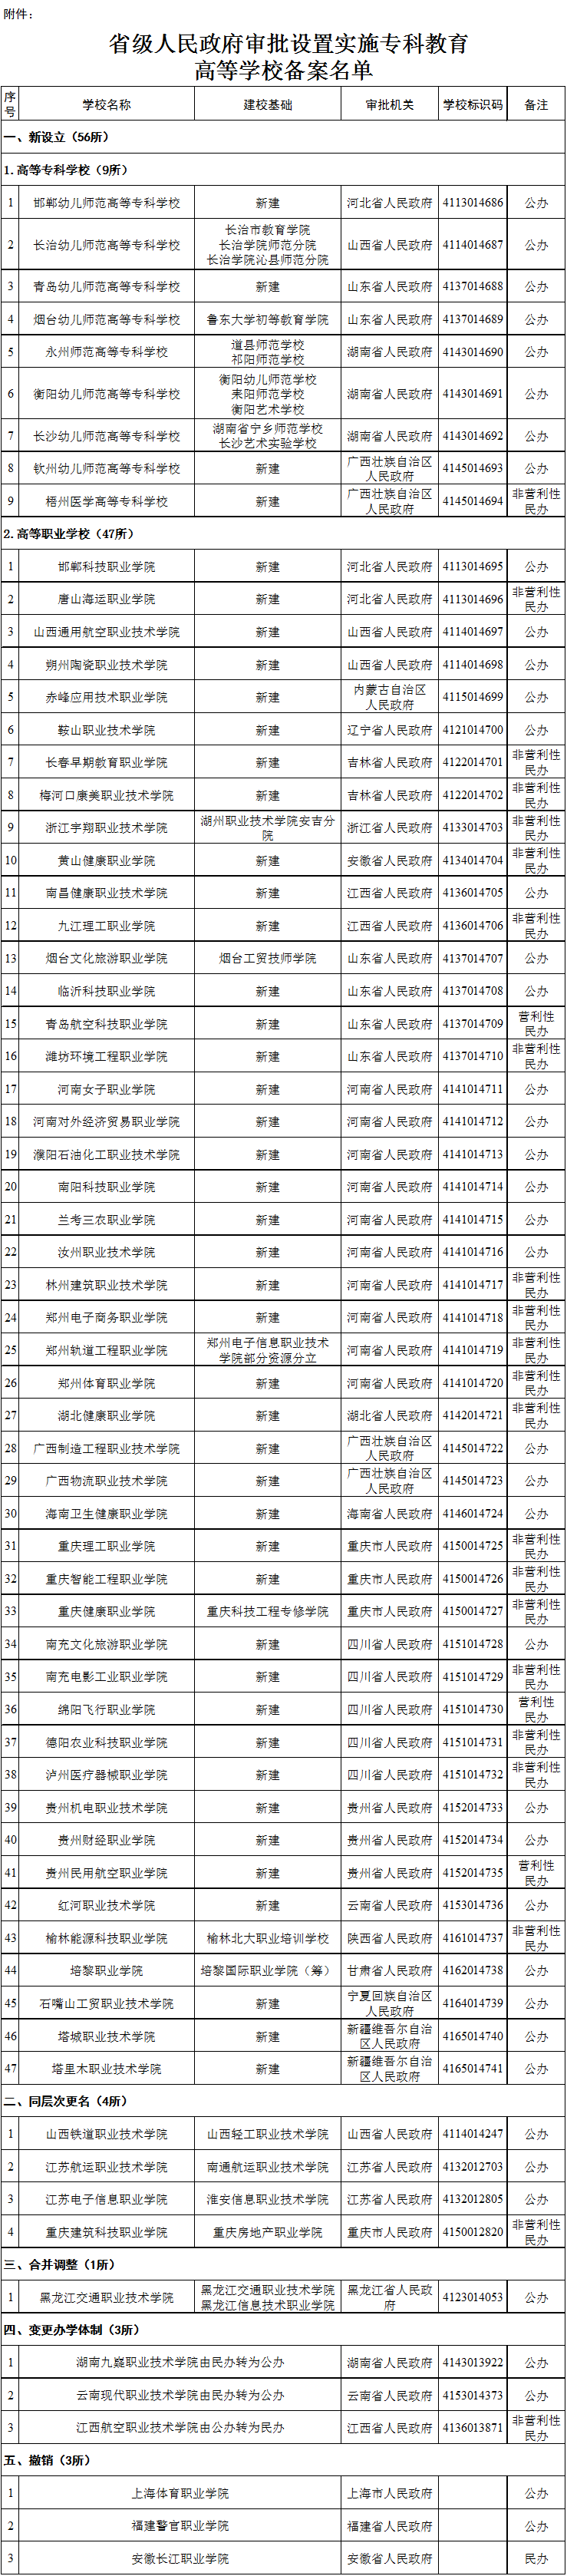 教育部:新建9所高等专科学校、47所高职,撤销3所高职